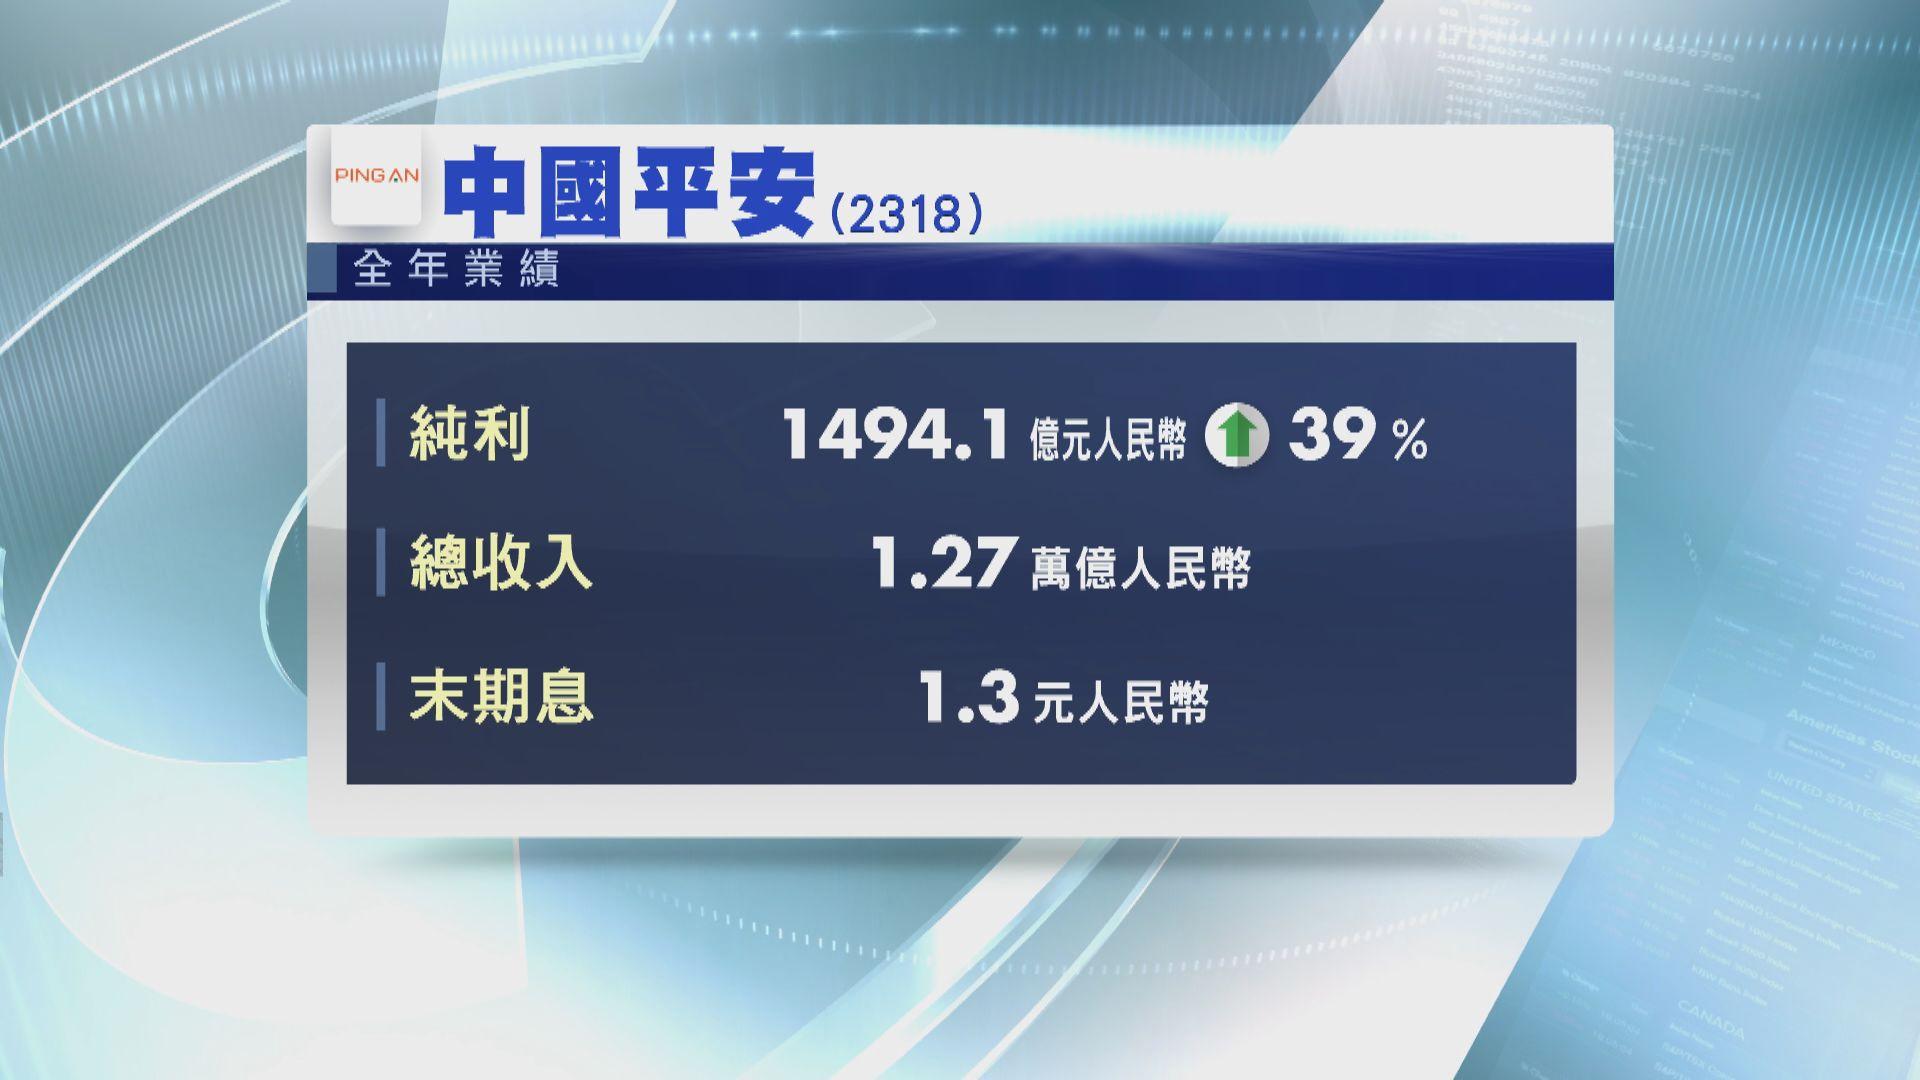 【差過預期】平保去年多賺39%